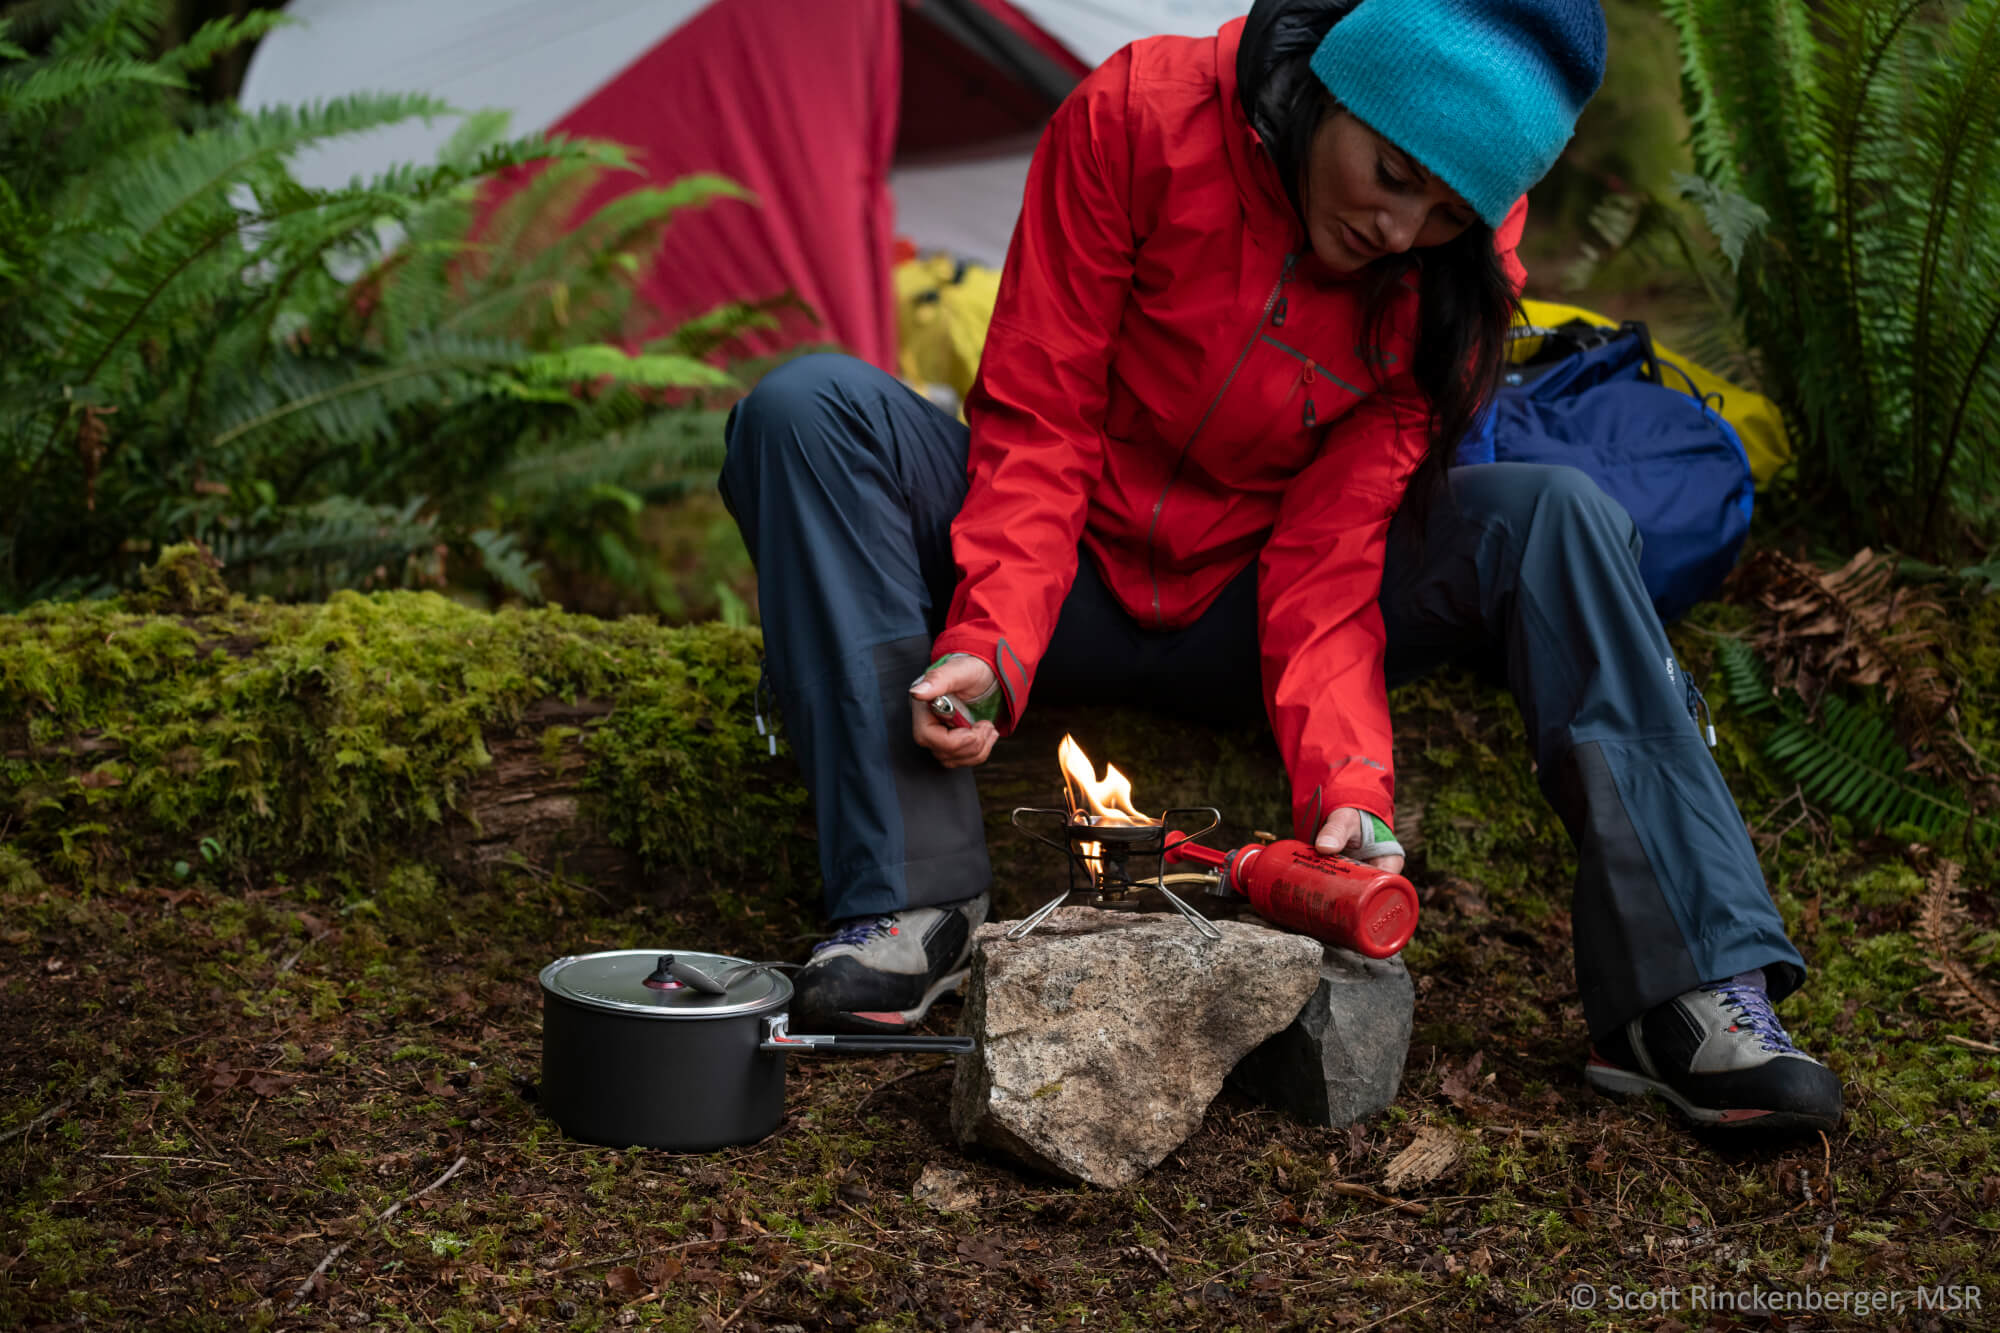 Eine Frau baut einen MSR-Kocher auf im Wald. Der Topf steht griffbereit neben ihr. Im hintergrund steht ein MSR-Zelt.